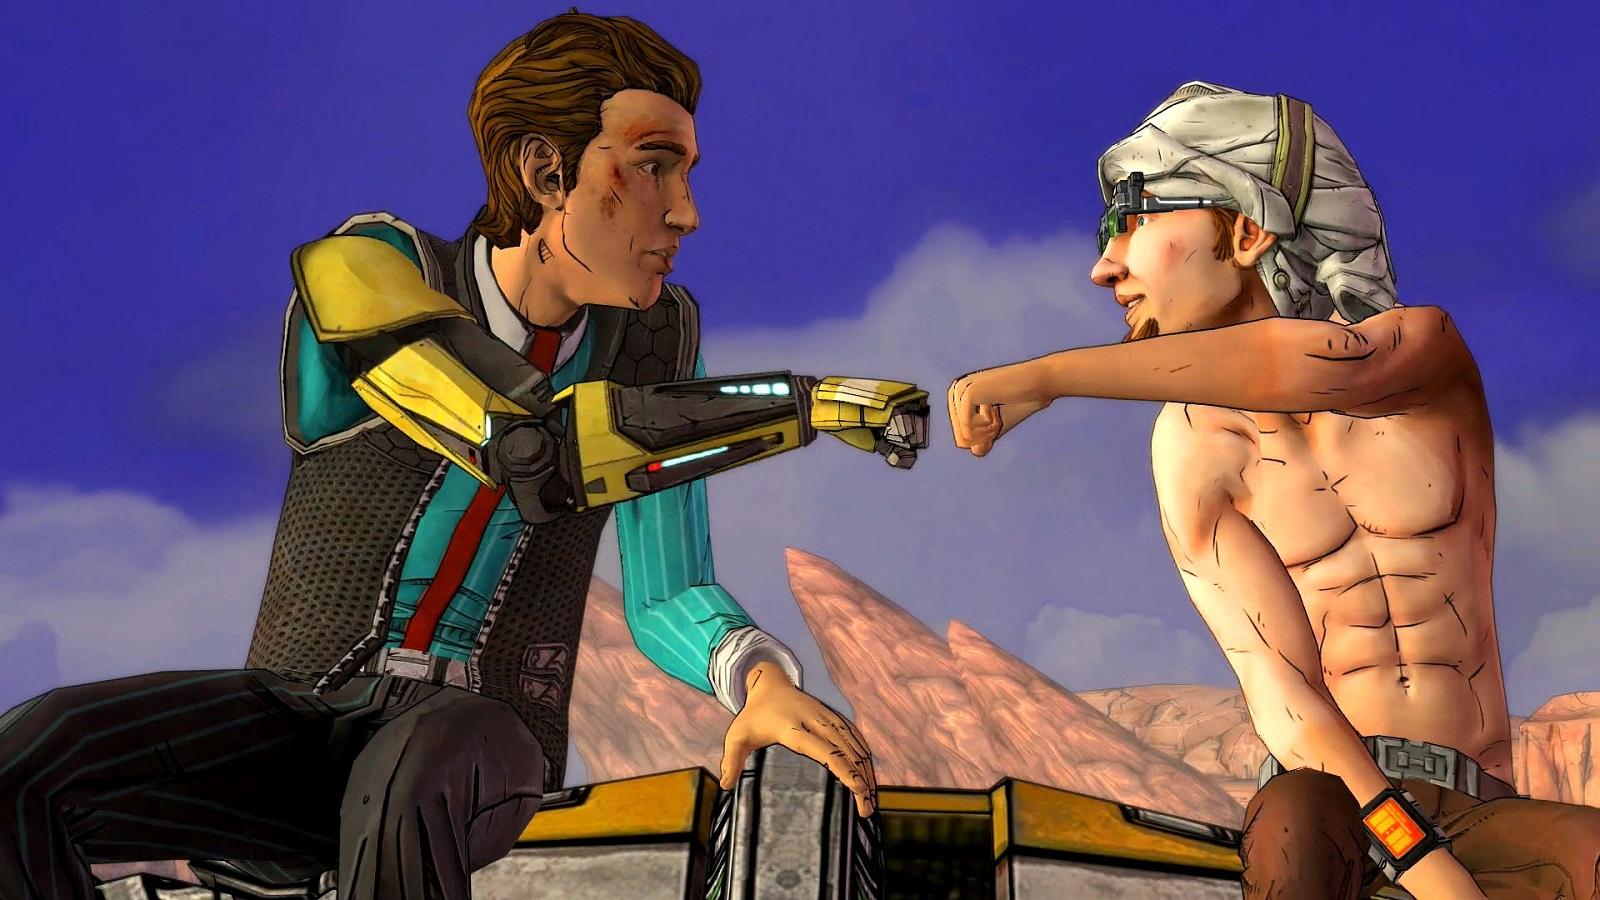 Tales from the Borderlands действительно появится на Switch, но лишь в следующем месяце